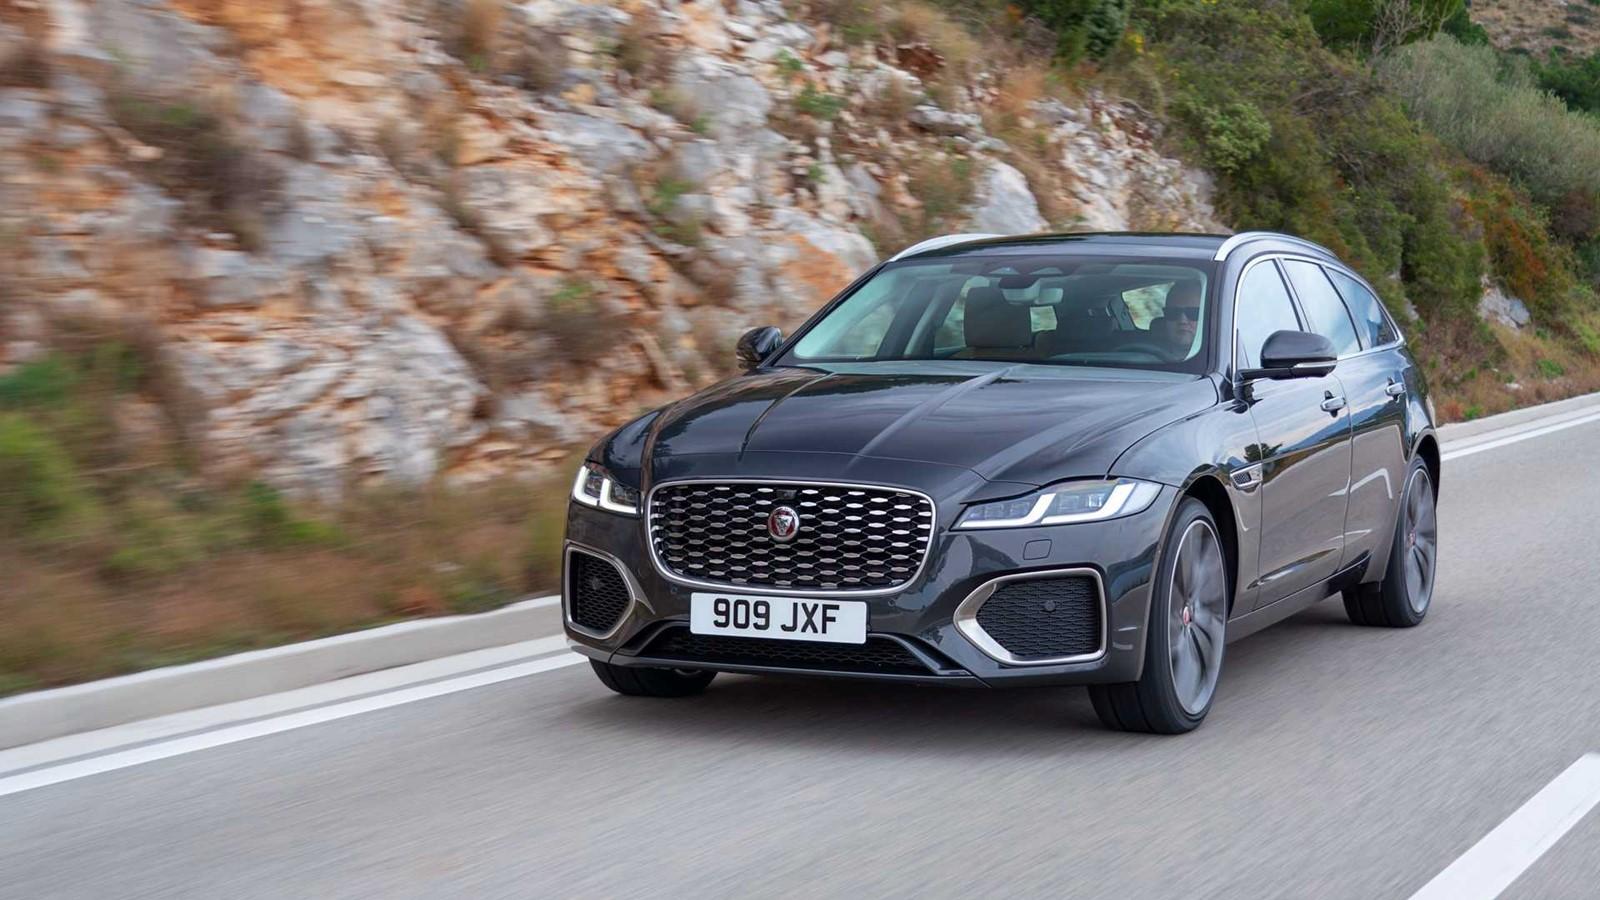 ¡Oficial! Jaguar XF Sportbreak 2021: Extra de equipamiento, tecnología y eficiencia para el ...